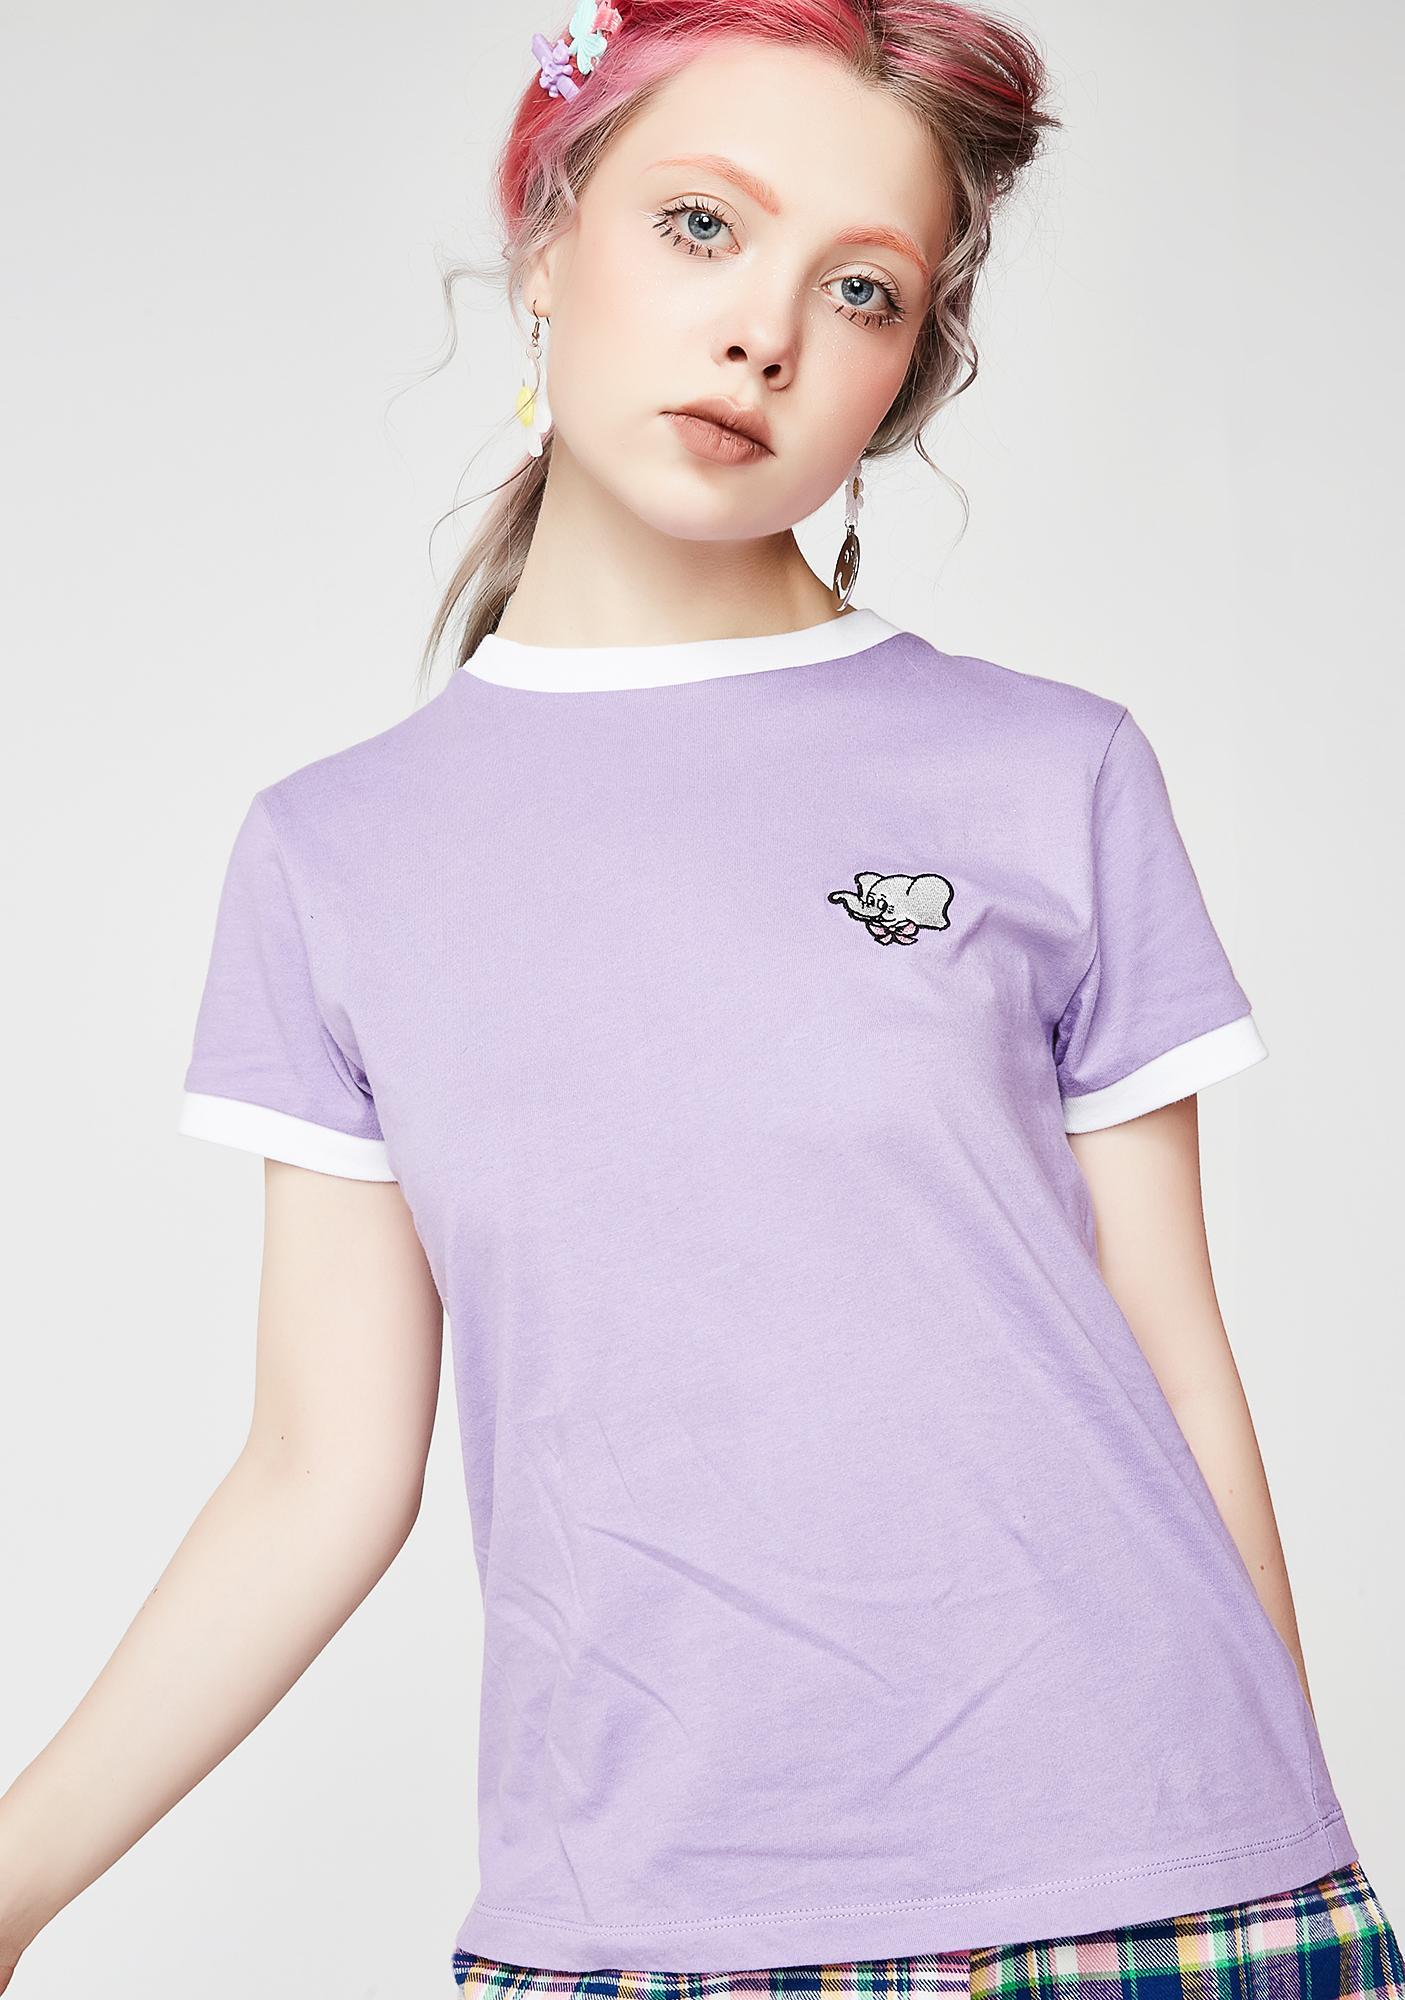 Lazy Oaf Elephant Head Purple Tee